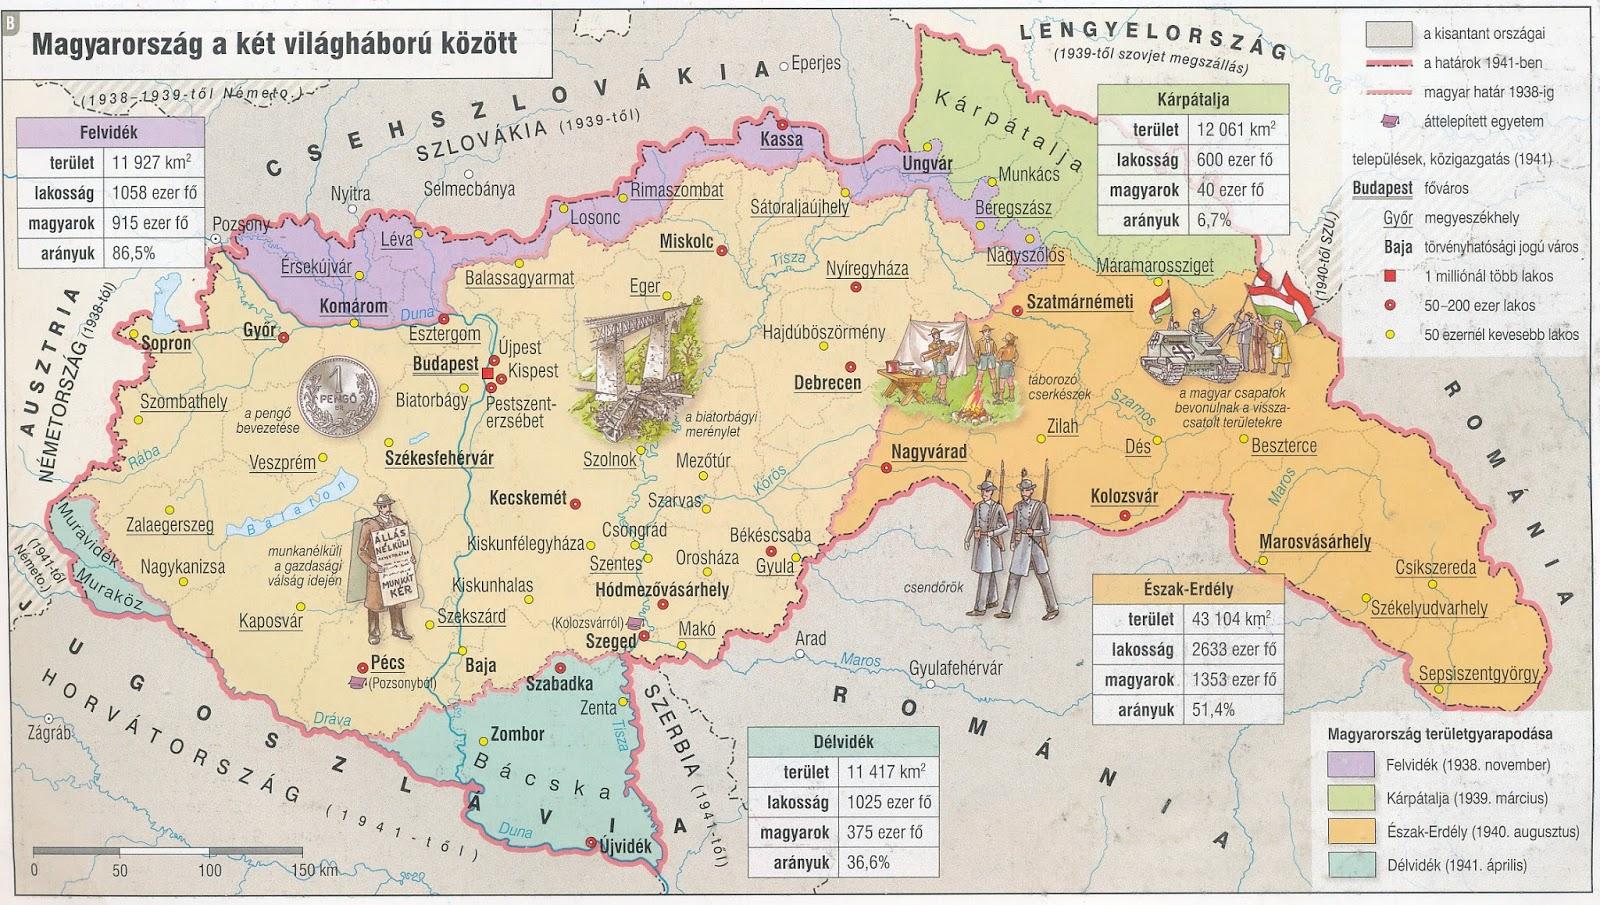 magyarország térkép 1942 Bag csapat blogja: MAGYARORSZÁG A II. VIALÁGHÁBORÚBAN magyarország térkép 1942